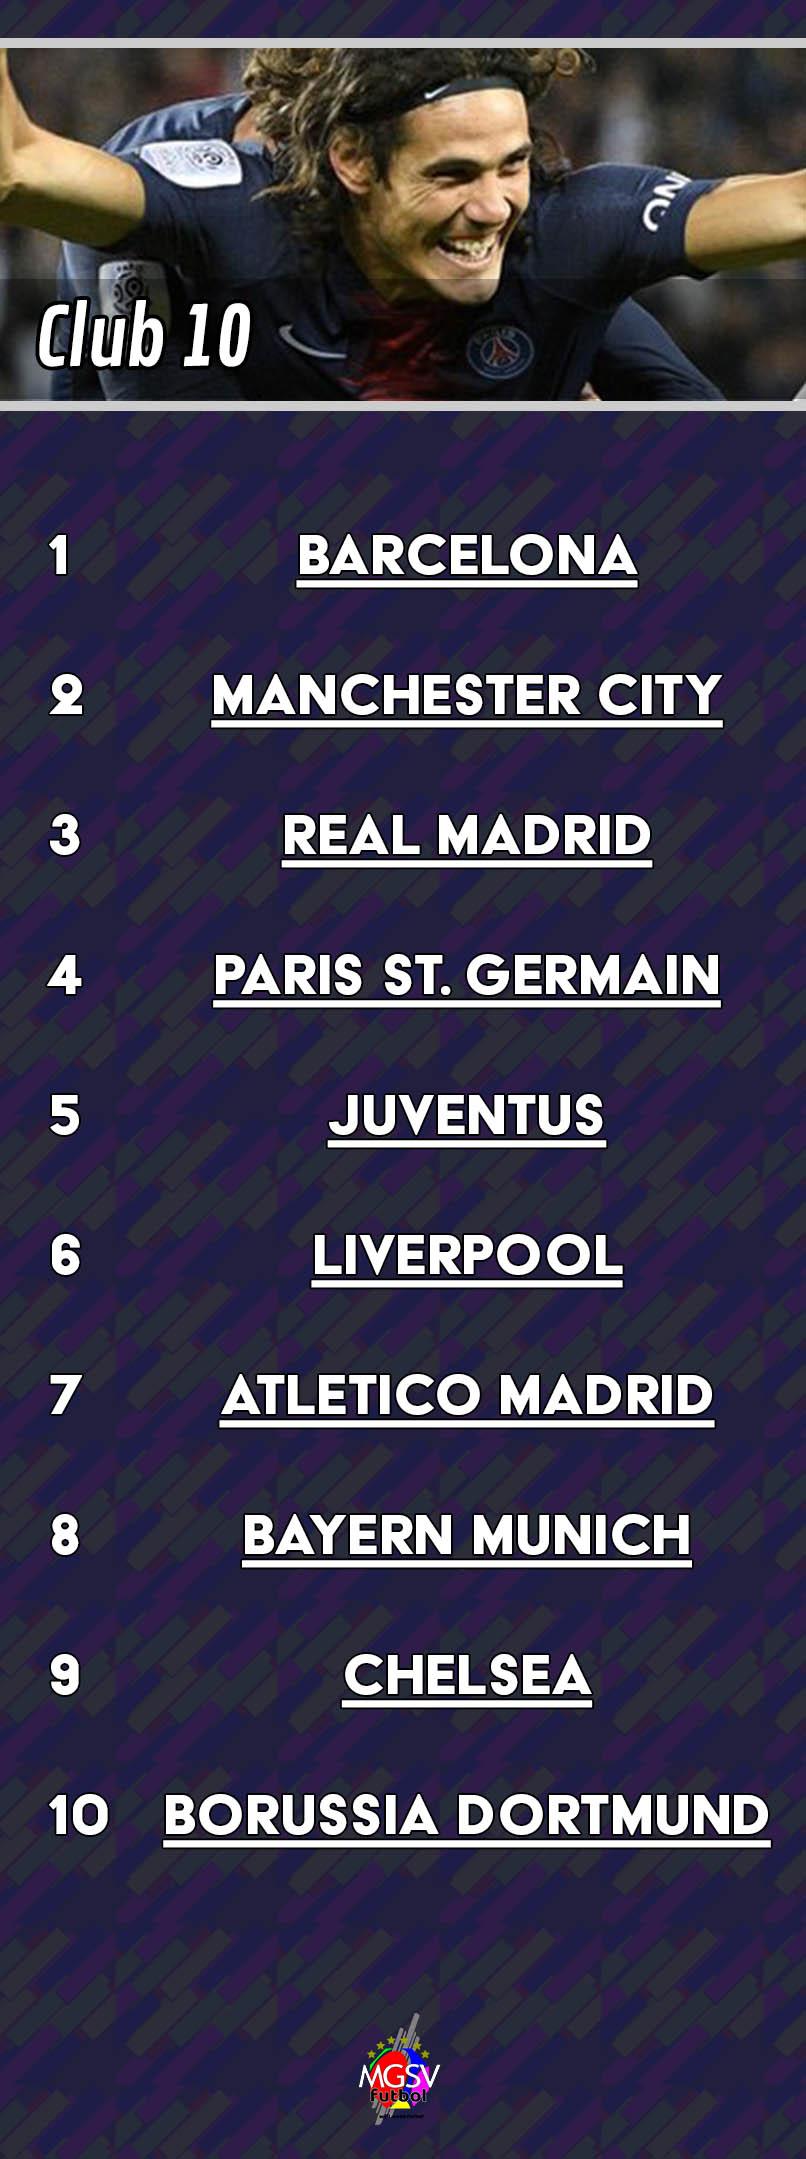 MGSVfutbol Top Ten Club Teams